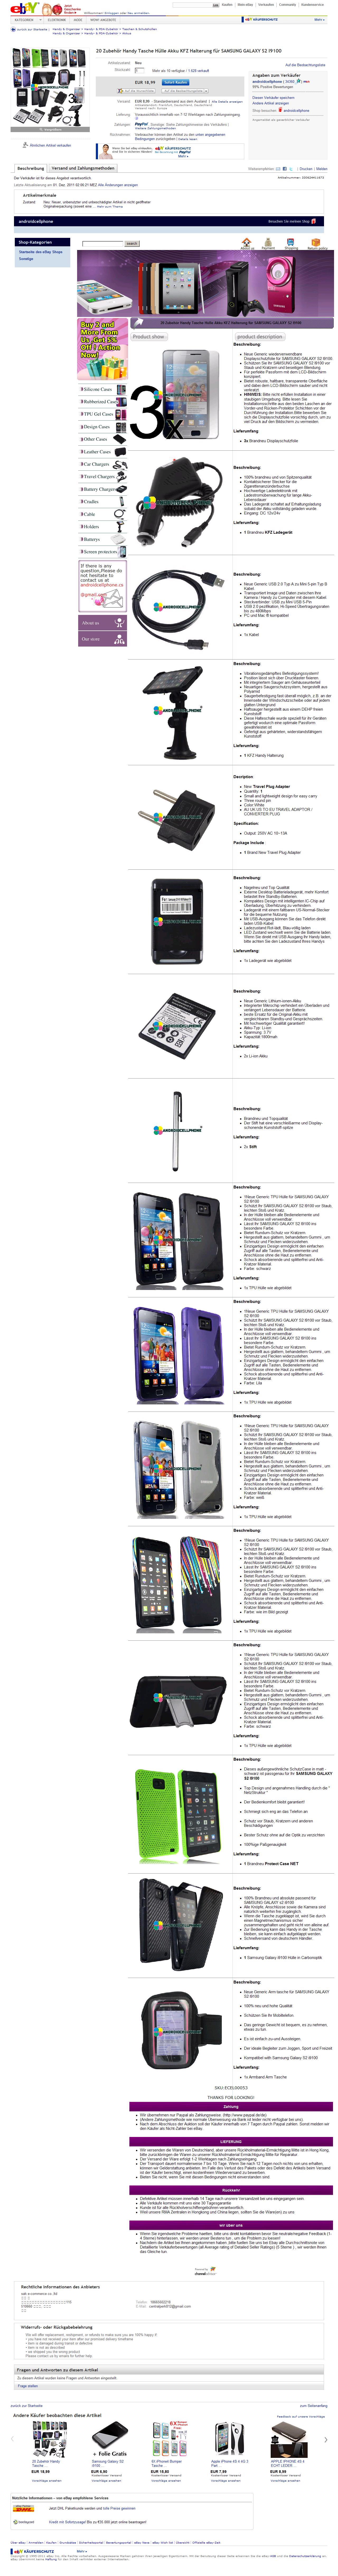 Post aus Fernost – Zubehör für das Samsung Galaxy S2 zum Spottpreis